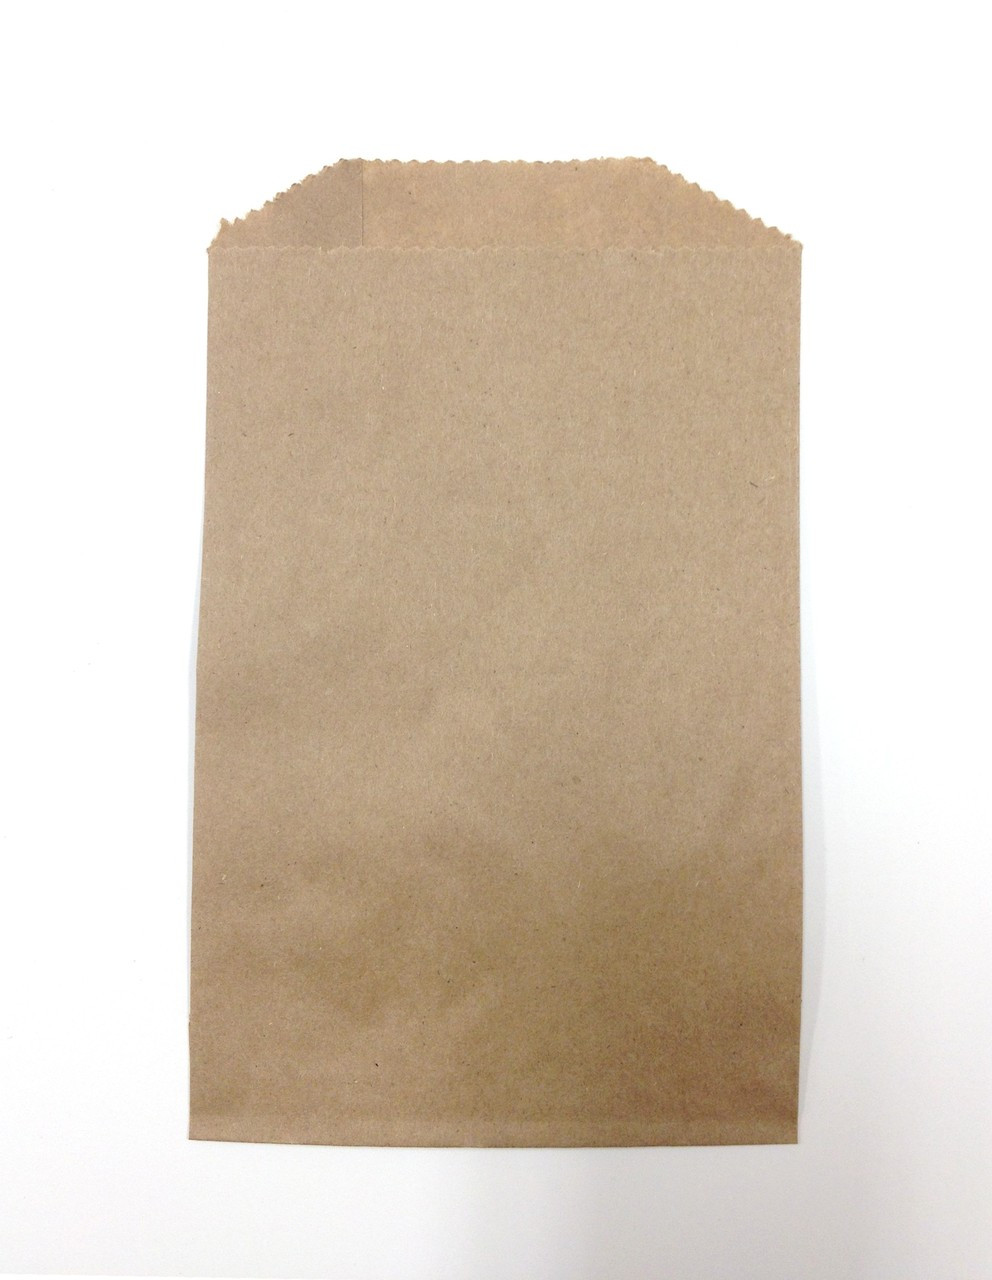 Unique Set of 100 - Brown Kraft Food Safe Flat Merchandise Bags - 4 x 6  QE54